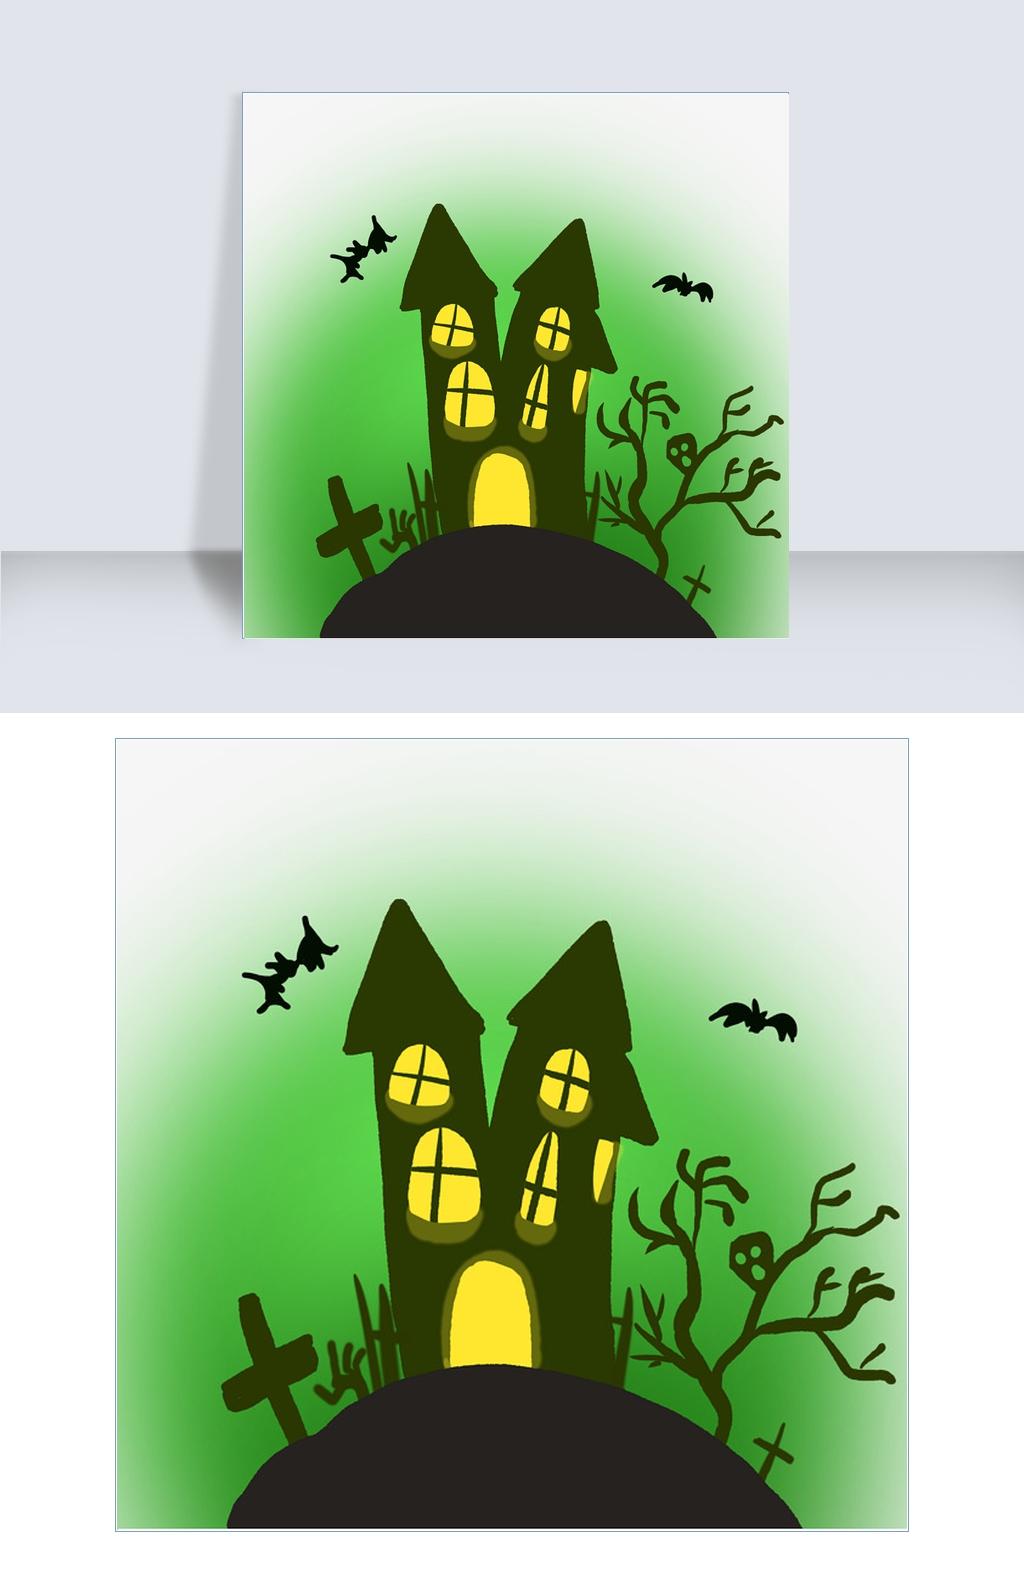 万圣节鬼屋房子插画图片素材 PSB格式 下载 动漫人物大全